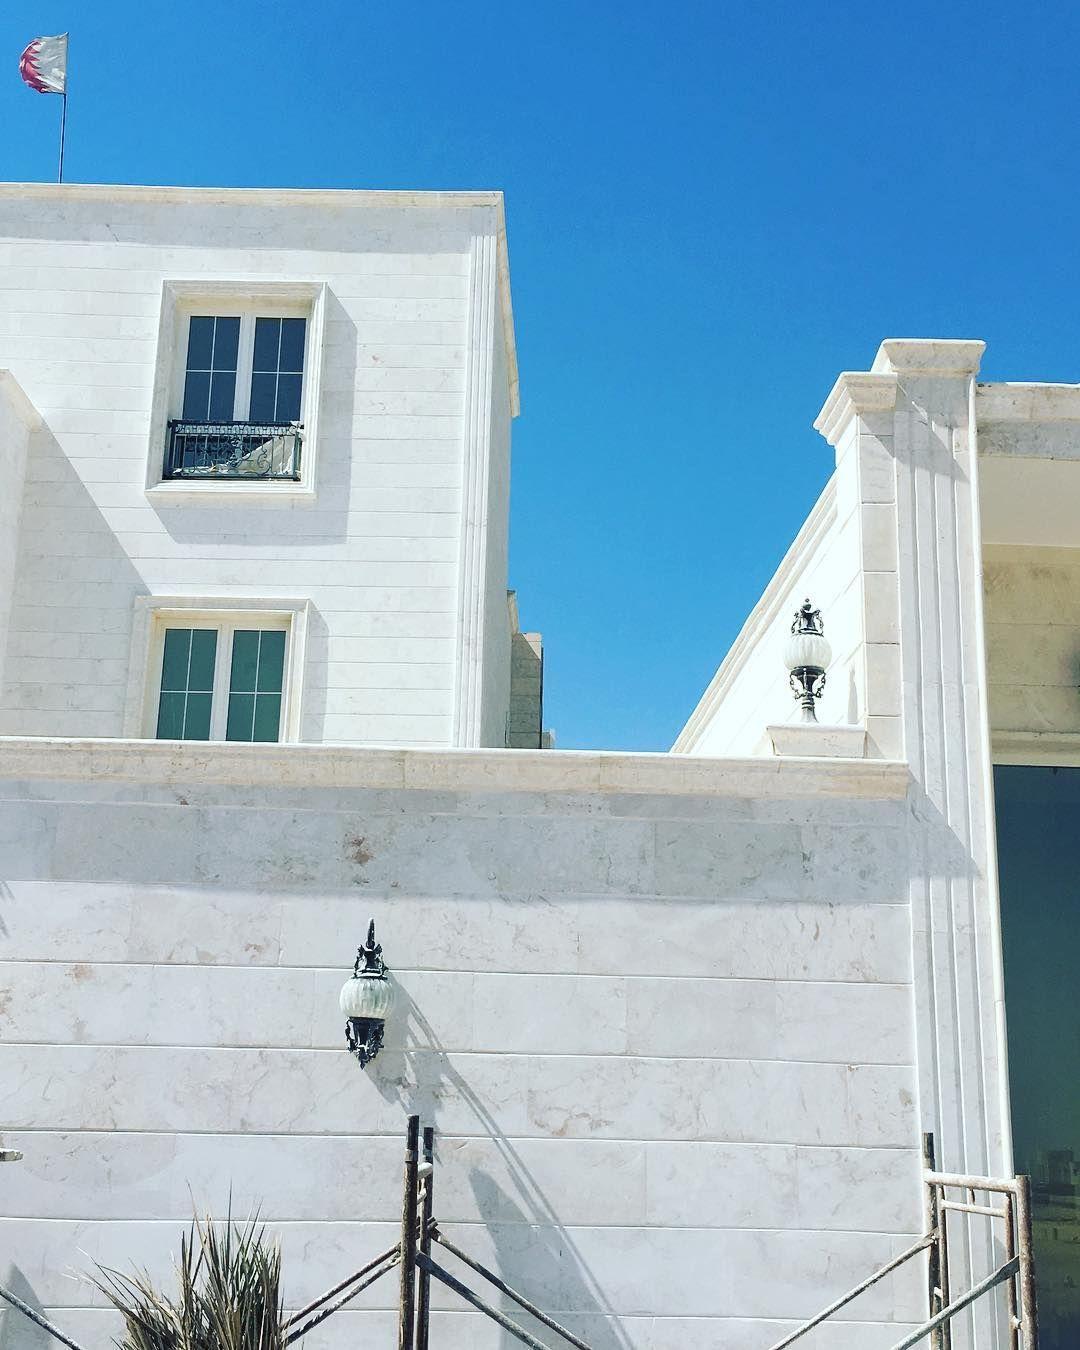 بعض اعمالنا في قطر روضة الحمام سنفرة Polish Stone Decor Gypsum Paint Qatar Doha حجر سوري بناء قطر ديكور جبس تصمي Outdoor Decor Home Decor Decor